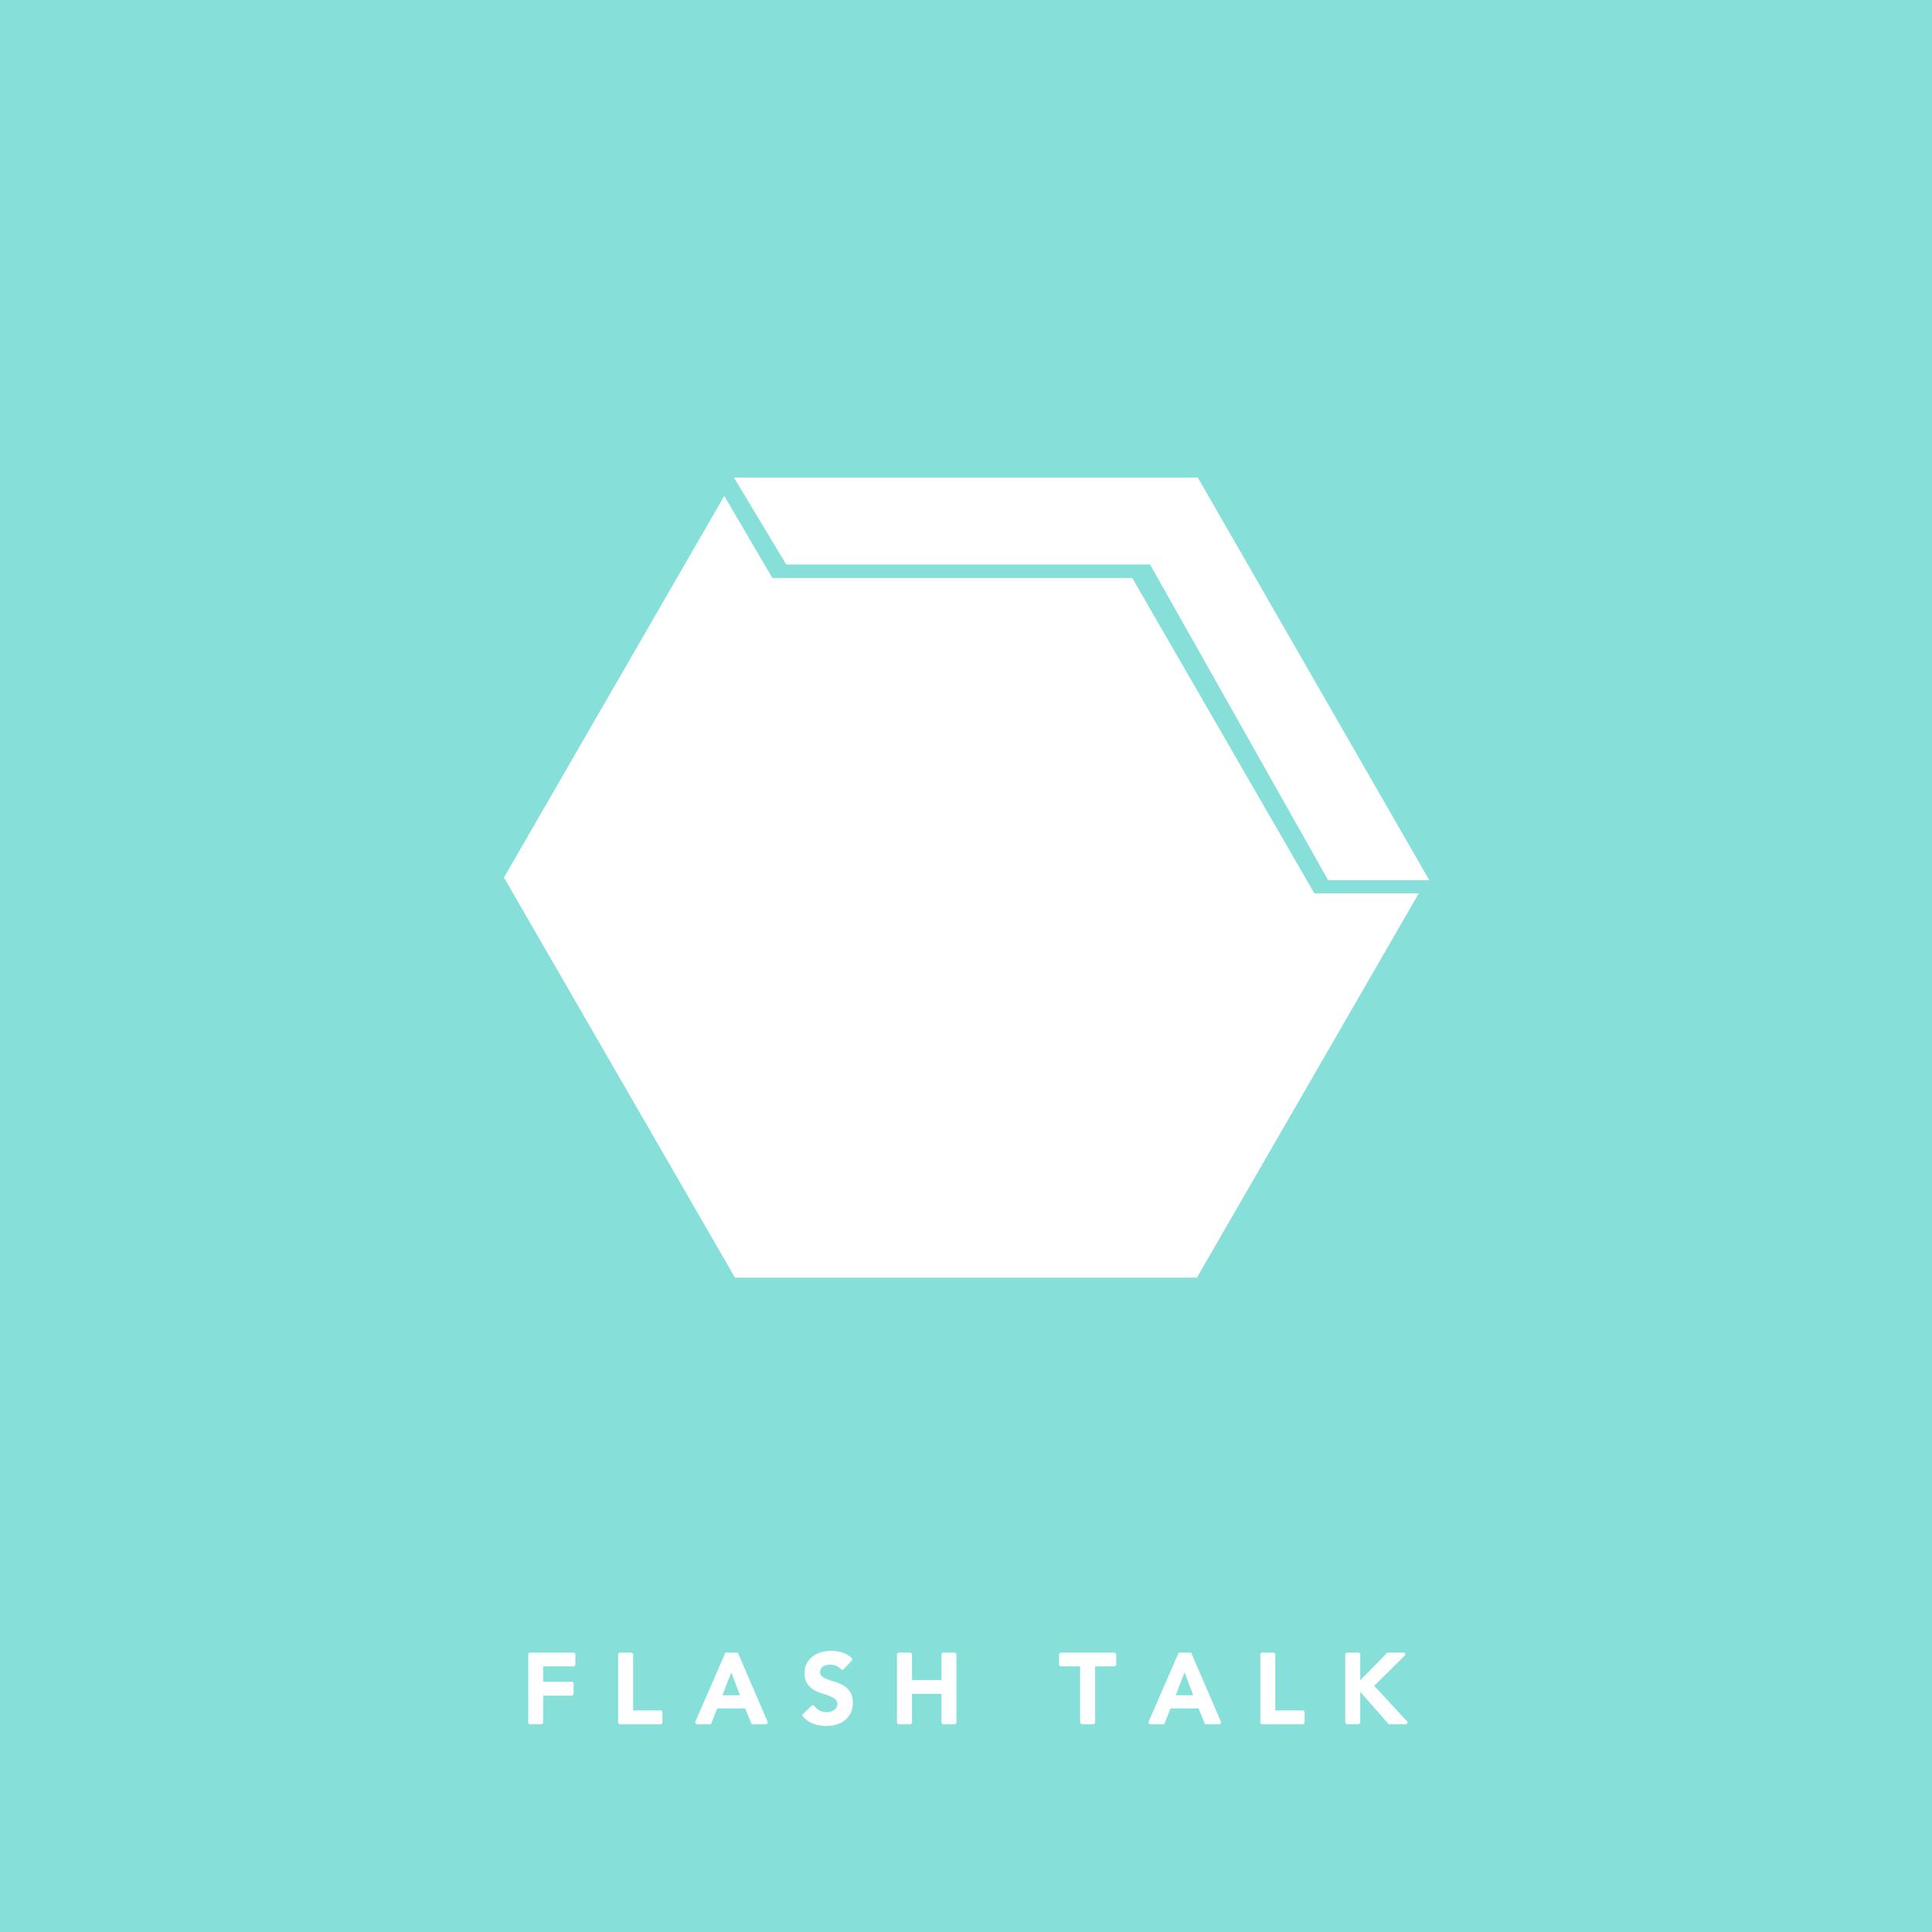 06. FLASH TALK.png